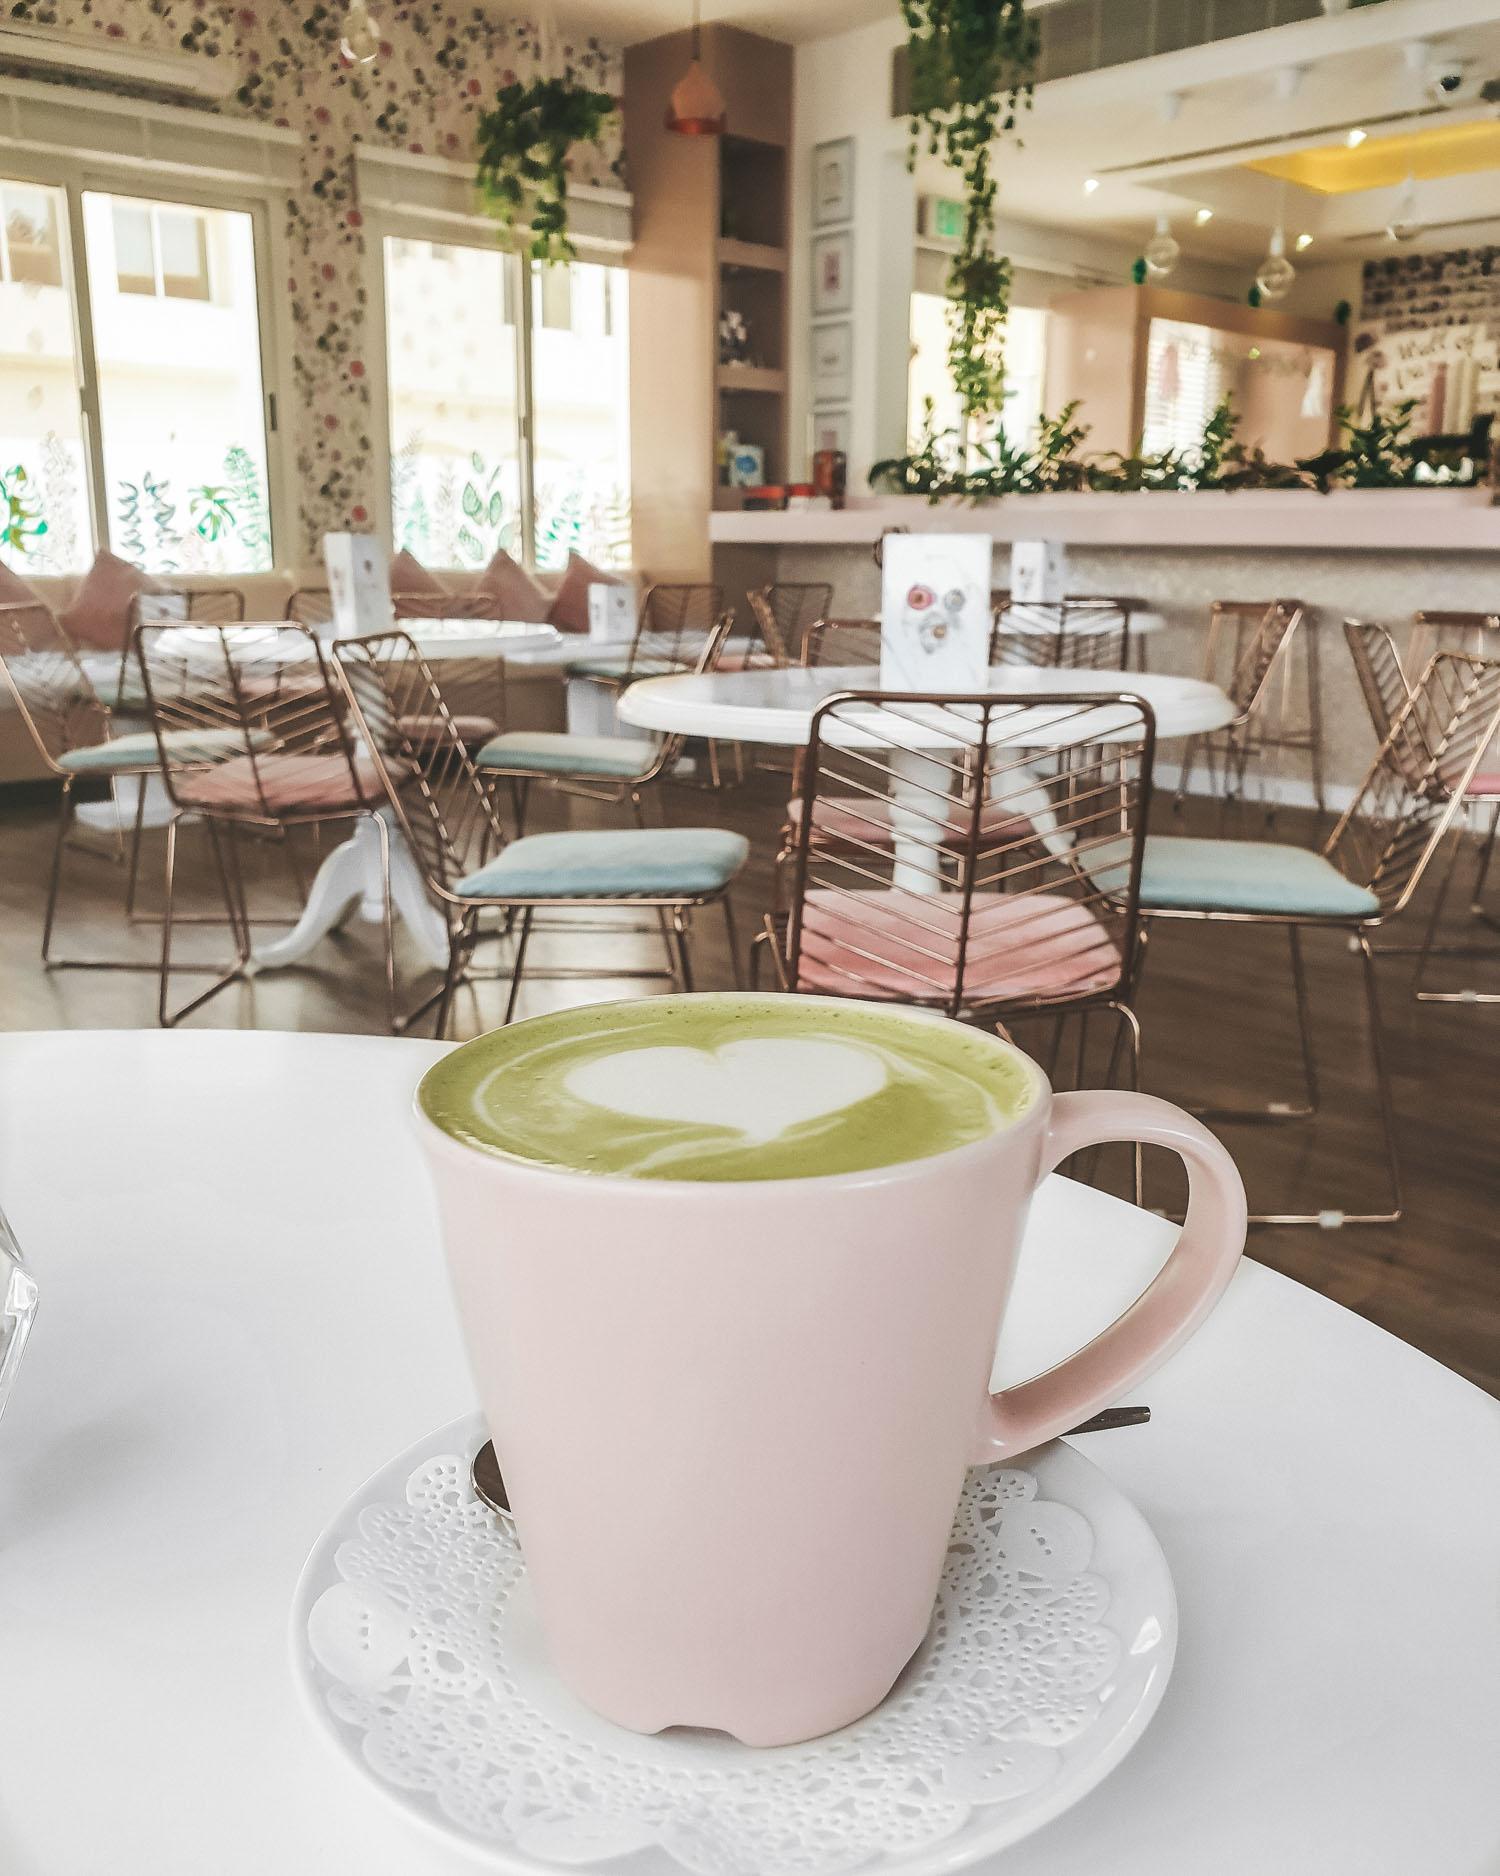 matcha latte at Tania's Teahouse Dubai